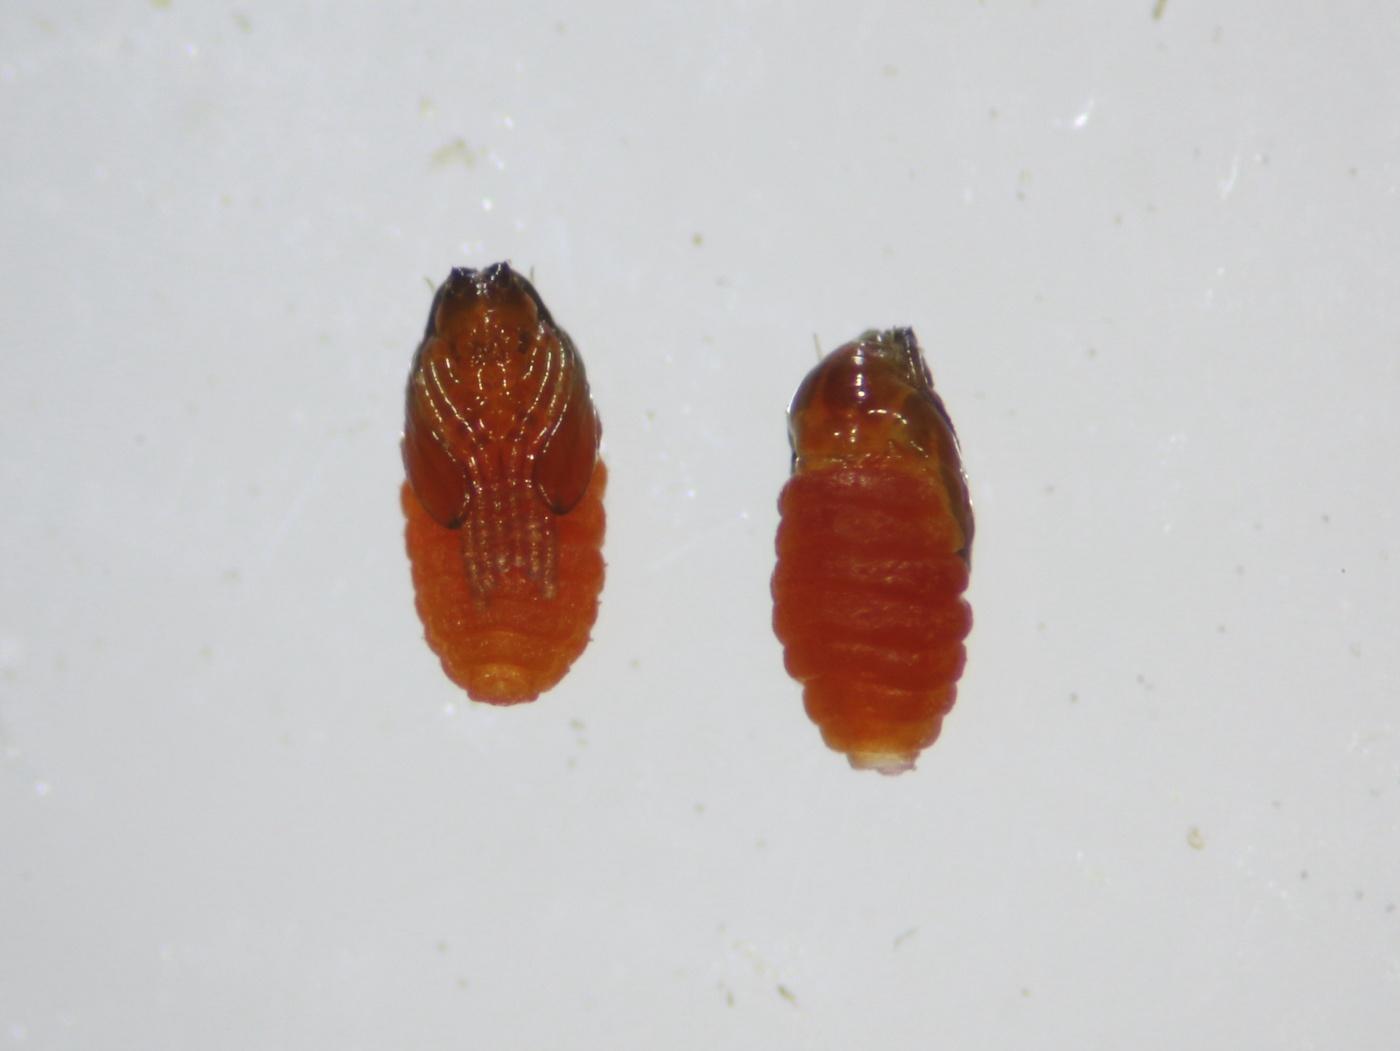 Contarinia acetosellae